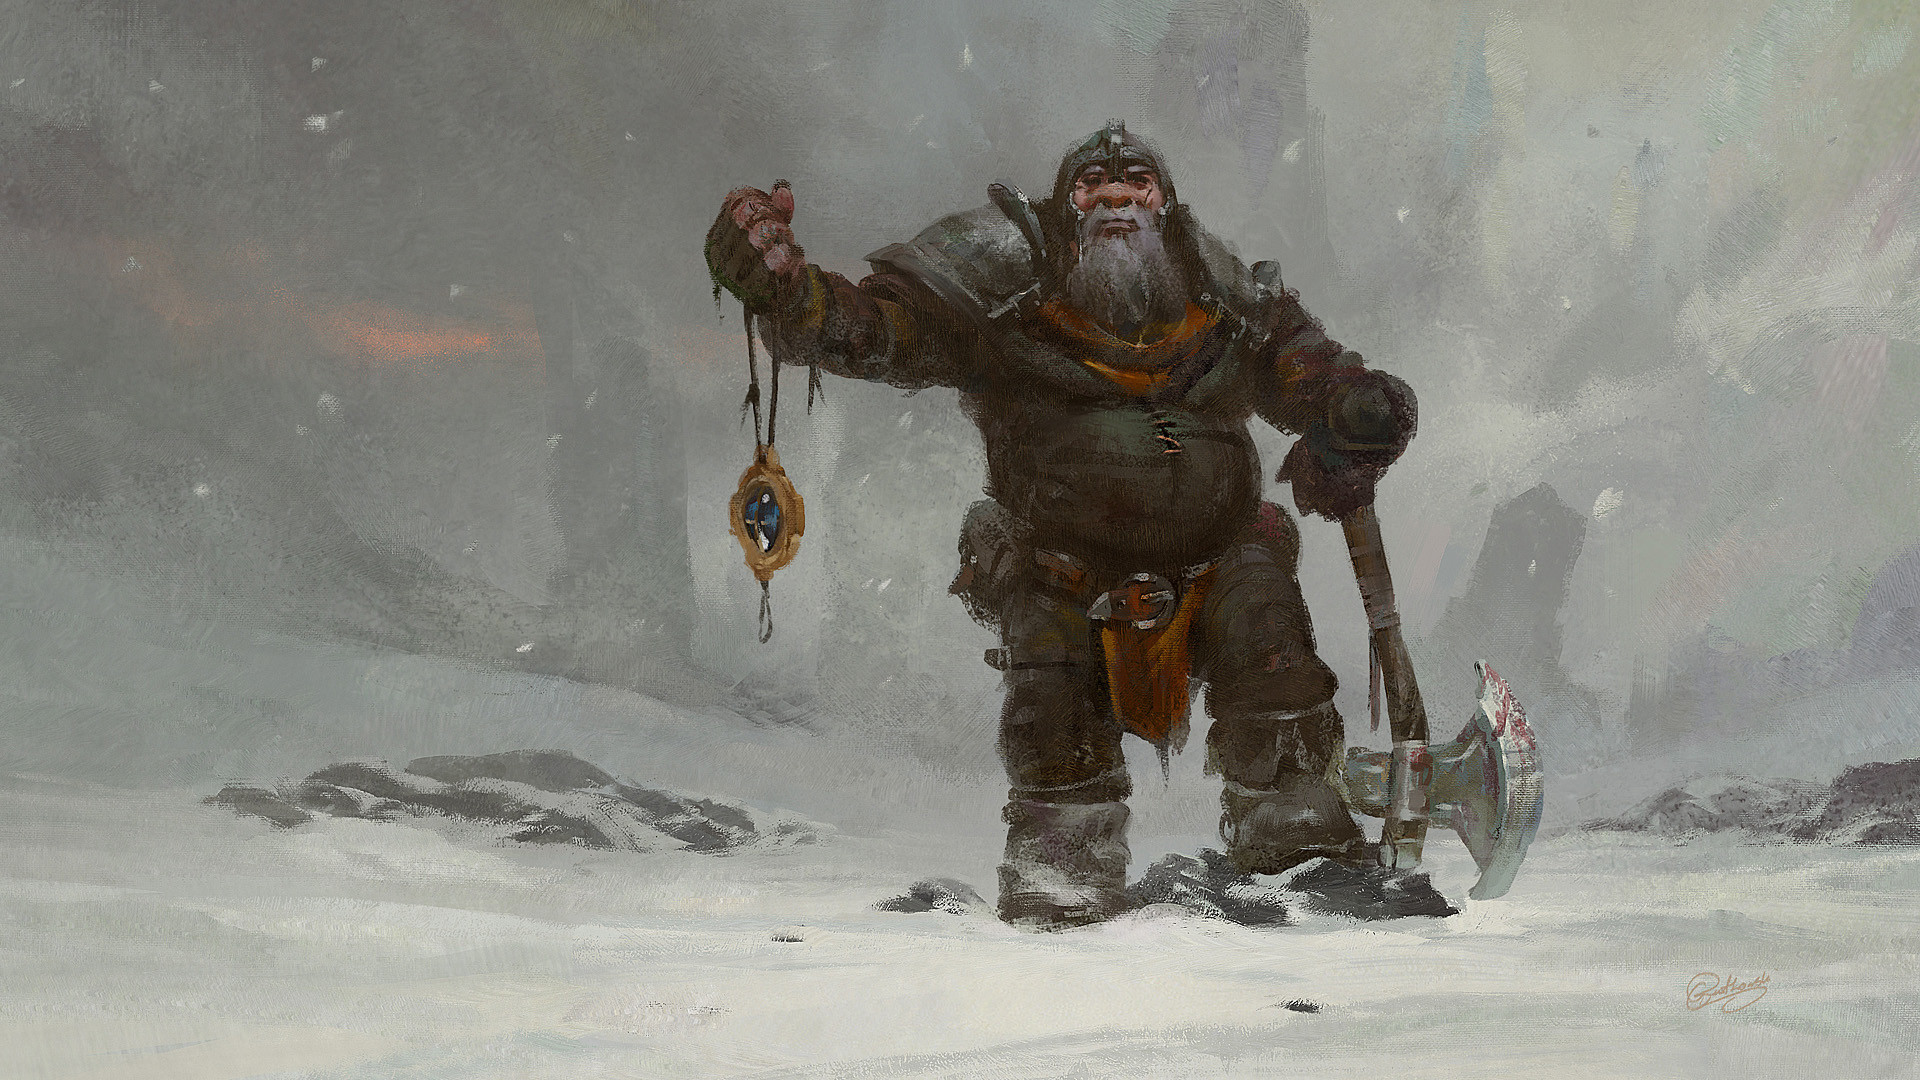 Grzegorz rutkowski dwarf 2 4